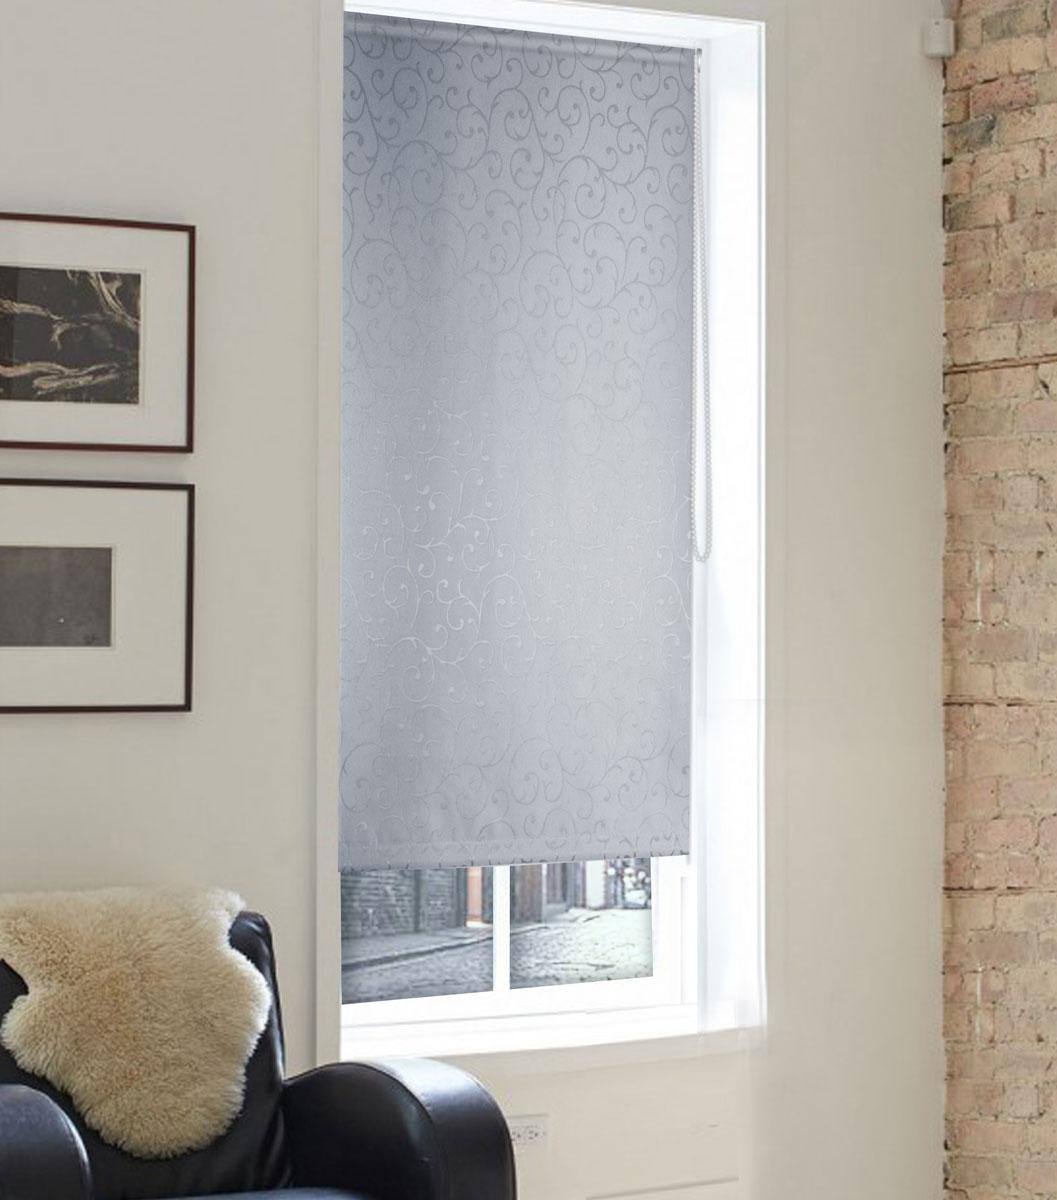 Штора рулонная Эскар Миниролло. Агат, фактурная, цвет: серый, ширина 43 см, высота 160 см37022043160Рулонная штора Эскар Миниролло. Агат выполнена из высокопрочной ткани, которая сохраняет свой размер даже при намокании. Ткань не выцветает и обладает отличной цветоустойчивостью. Миниролло - это подвид рулонных штор, который закрывает не весь оконный проем, а непосредственно само стекло. Такие шторы крепятся на раму без сверления при помощи зажимов или клейкой двухсторонней ленты. Окно остается на гарантии, благодаря монтажу без сверления. Такая штора станет прекрасным элементом декора окна и гармонично впишется в интерьер любого помещения.